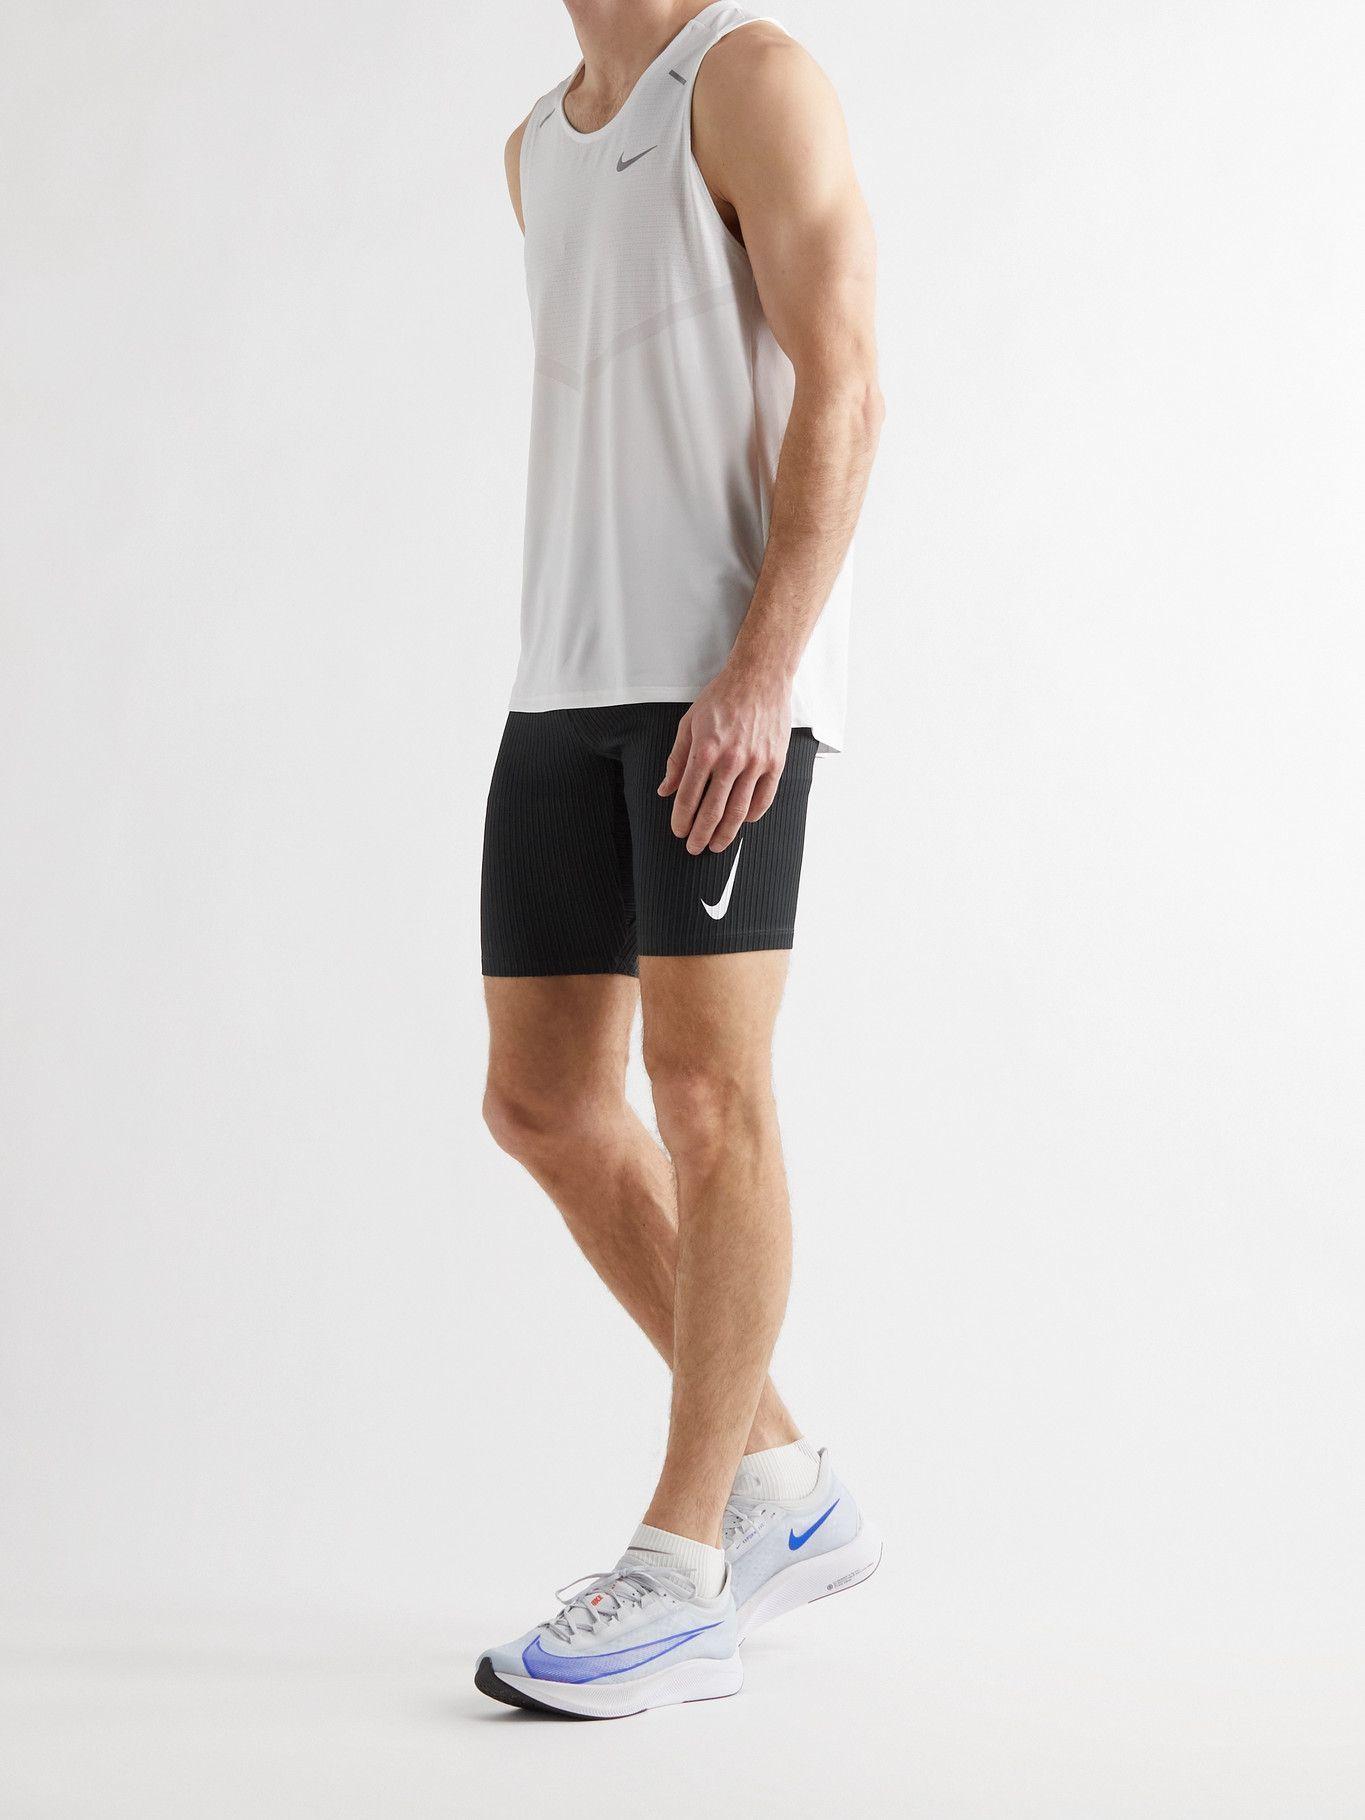 NIKE RUNNING - AeroSwift Ribbed Shorts - Black